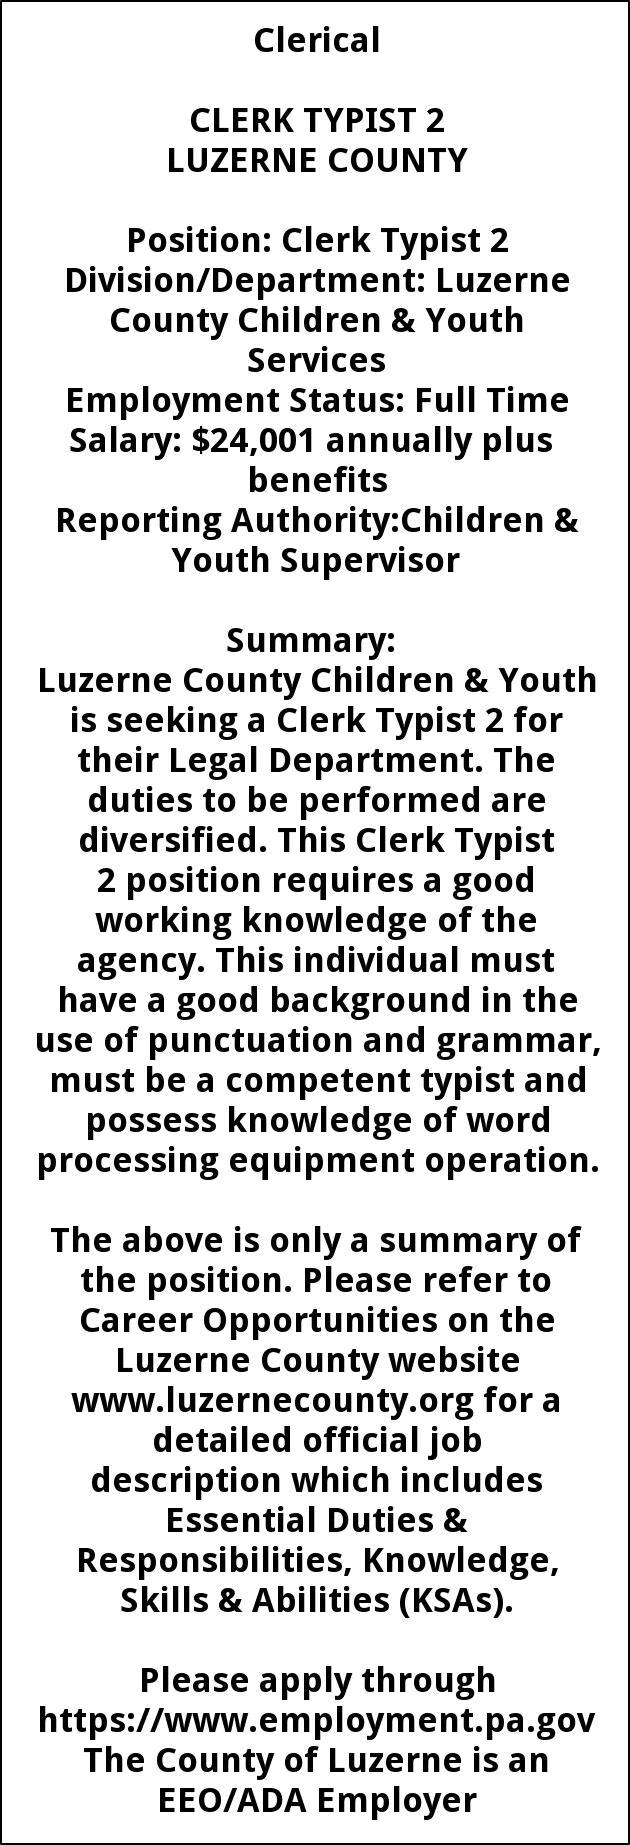 CLERK TYPIST 2